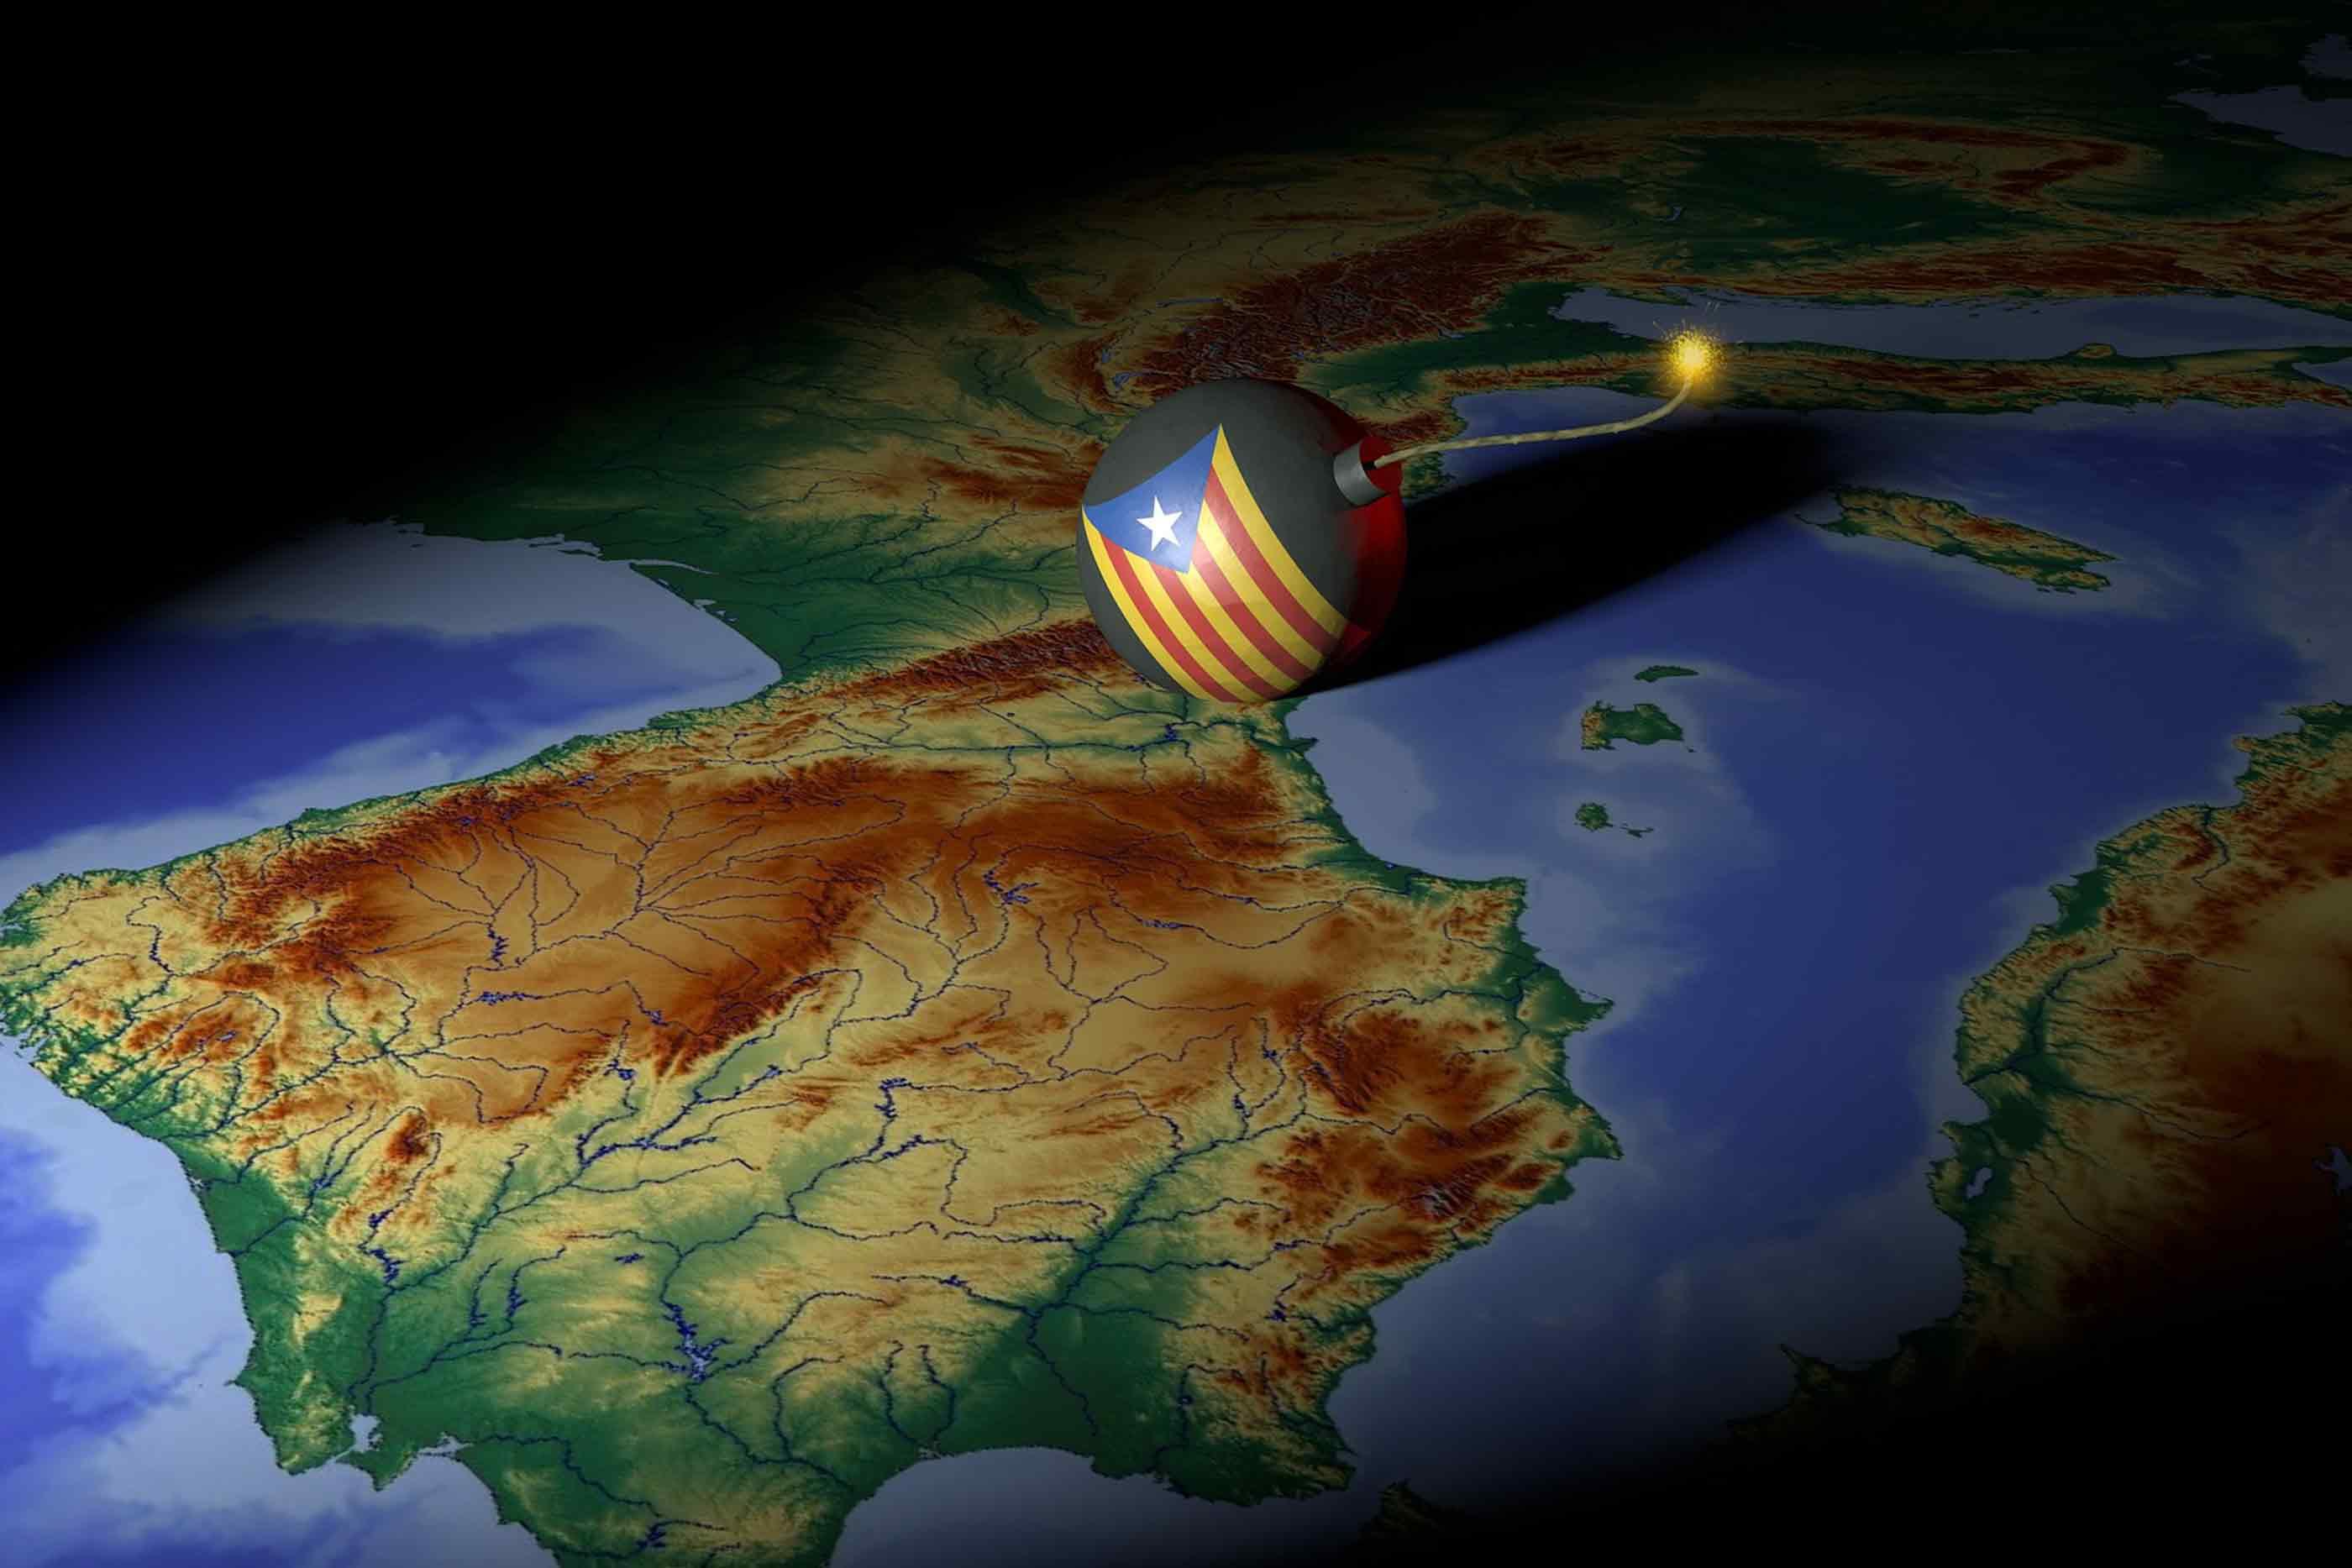 Representação animada da instabilidade política vivida em Espanha.